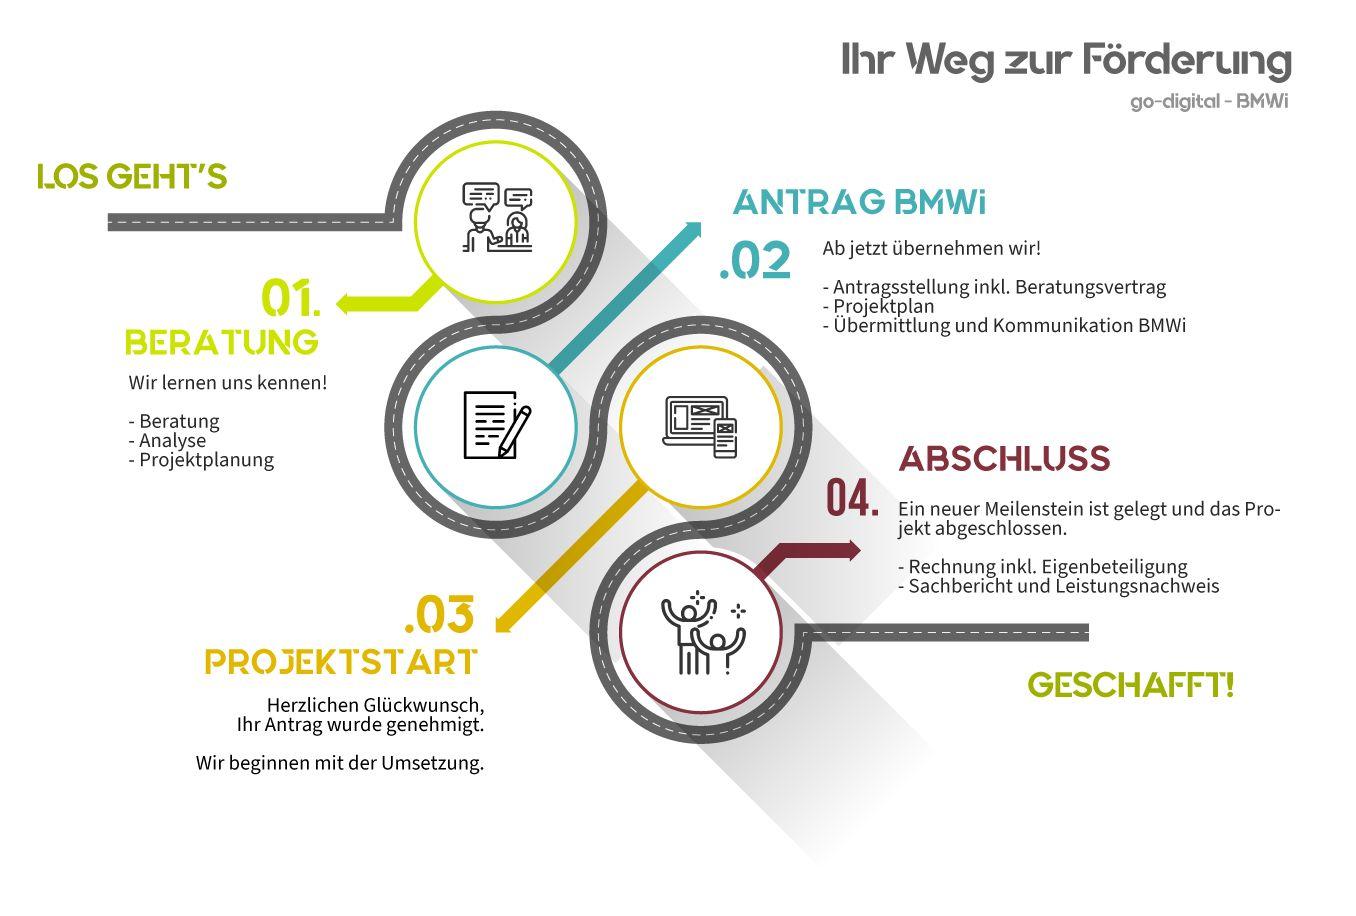 Grafik mit einer Reihenfolge, die den Weg zur Förderung von go-digital des BMWi beschreibt